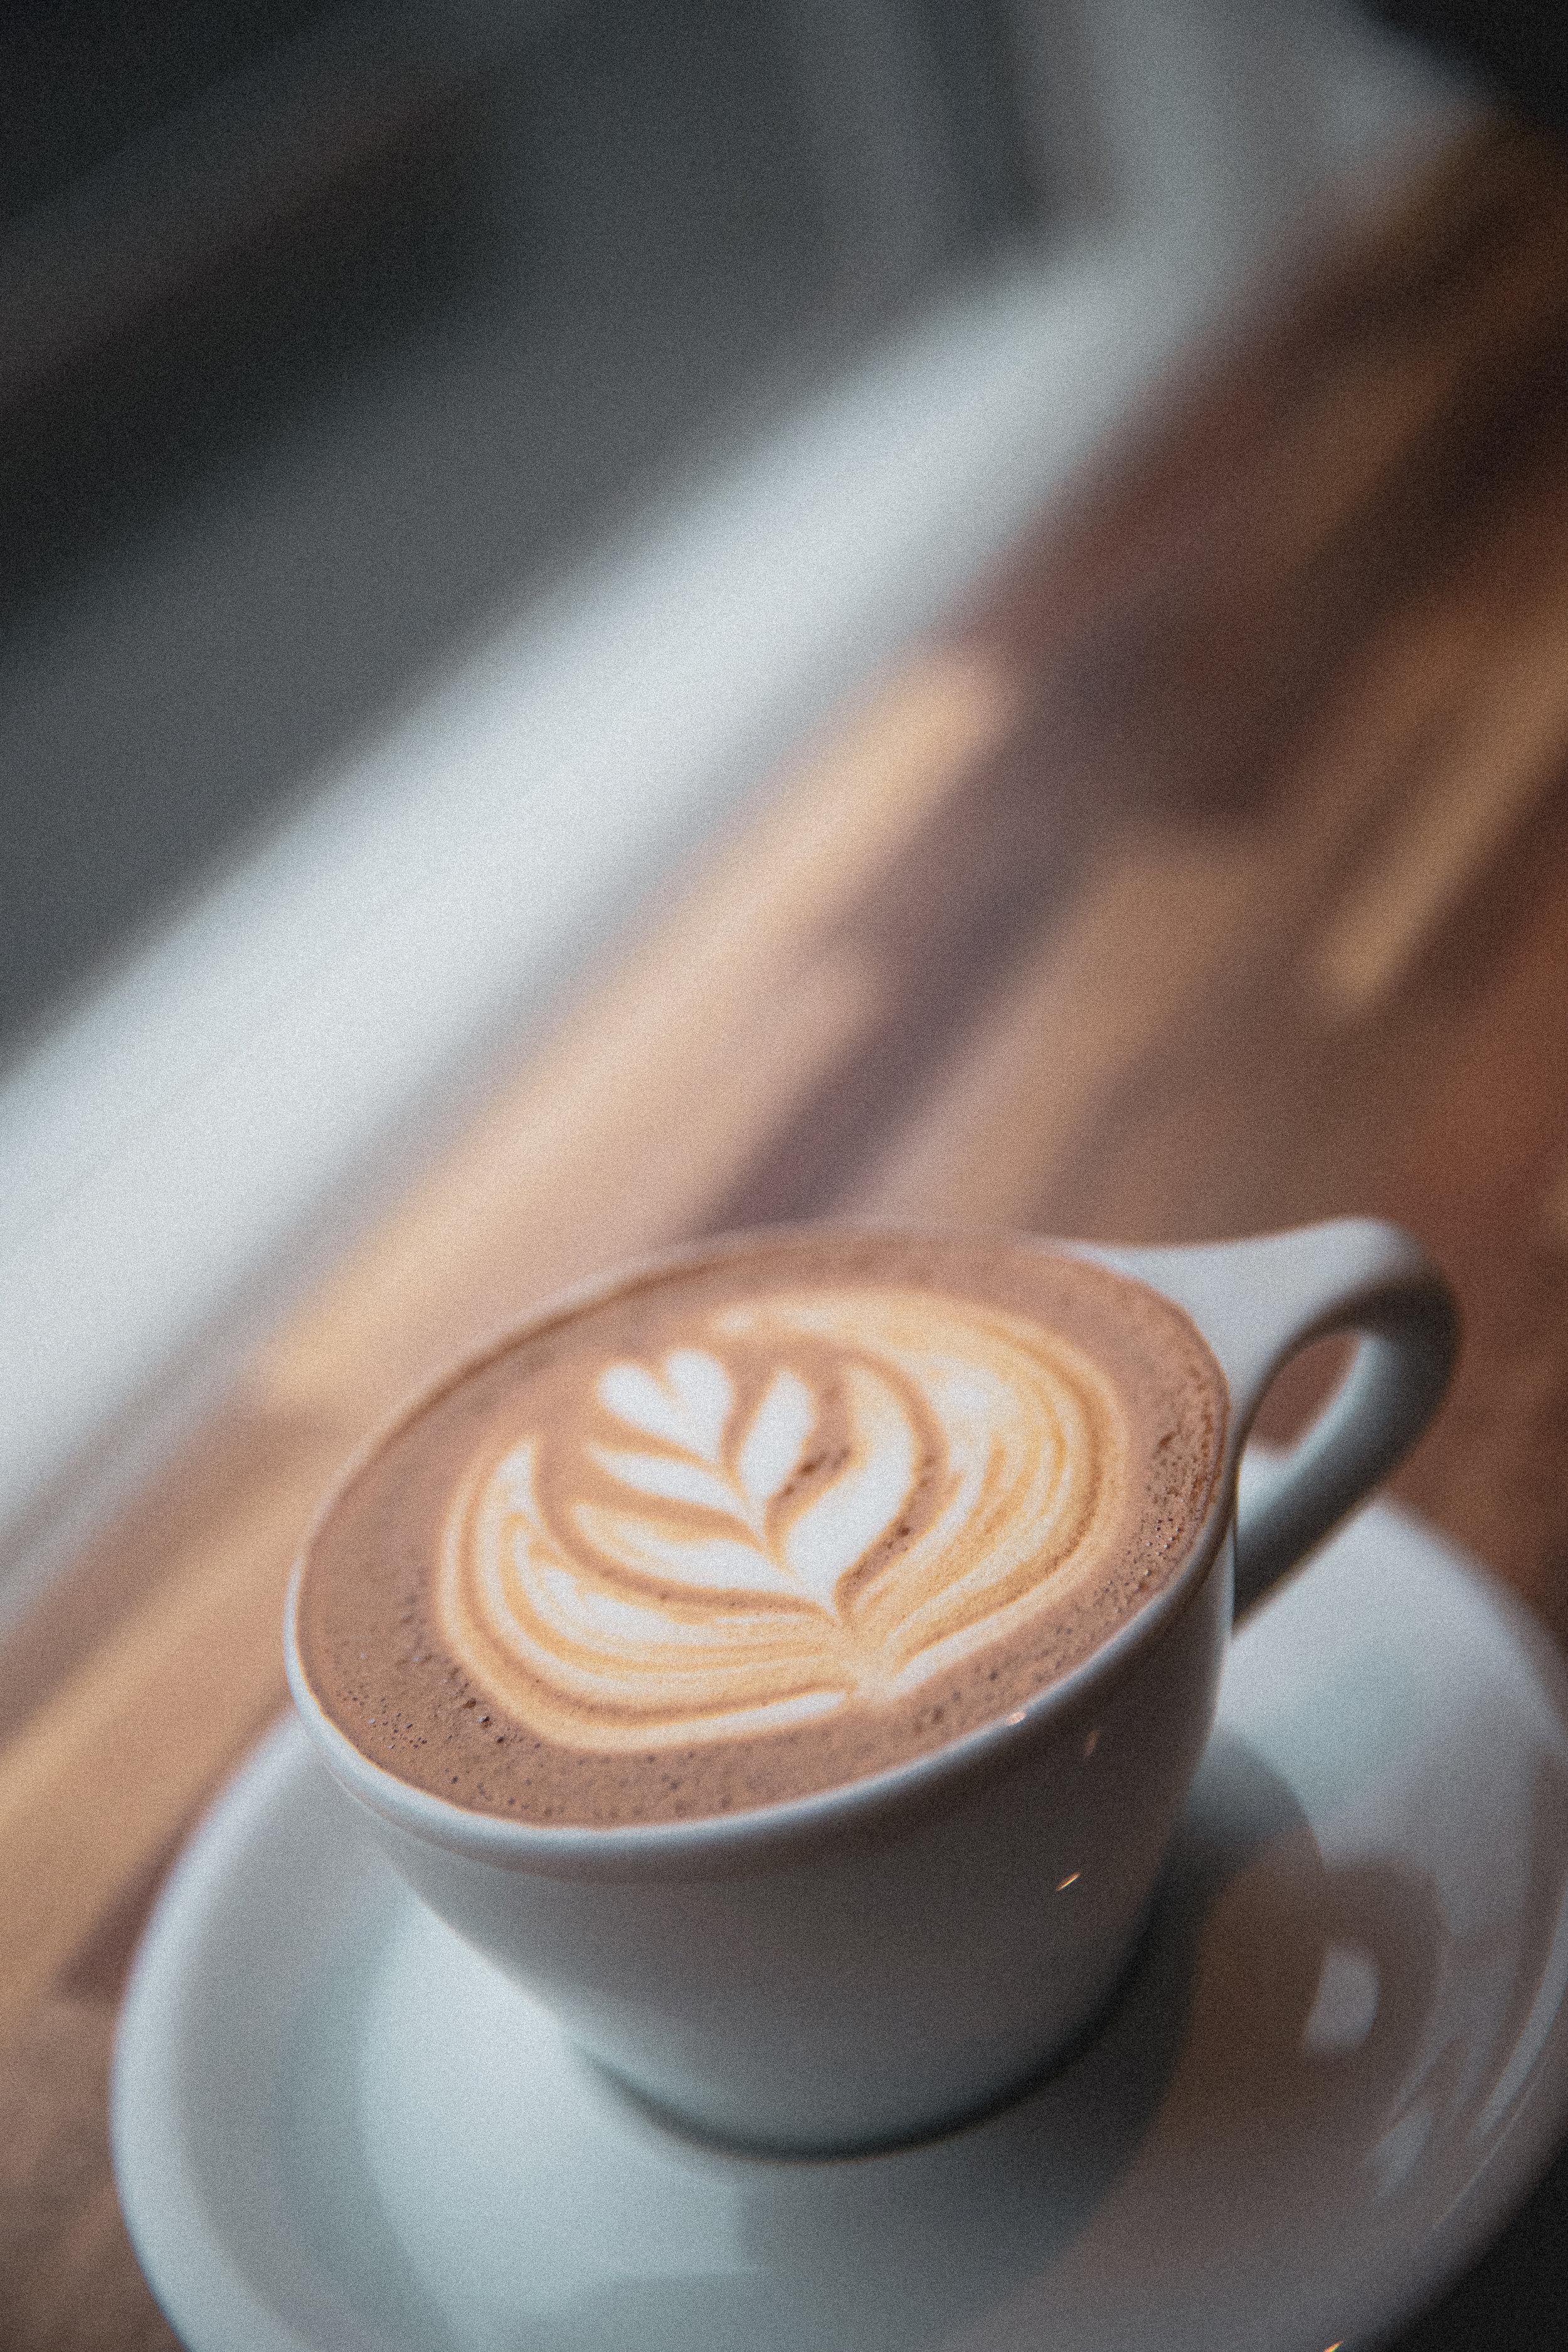 coffeeshop-photography-9I0633.jpg